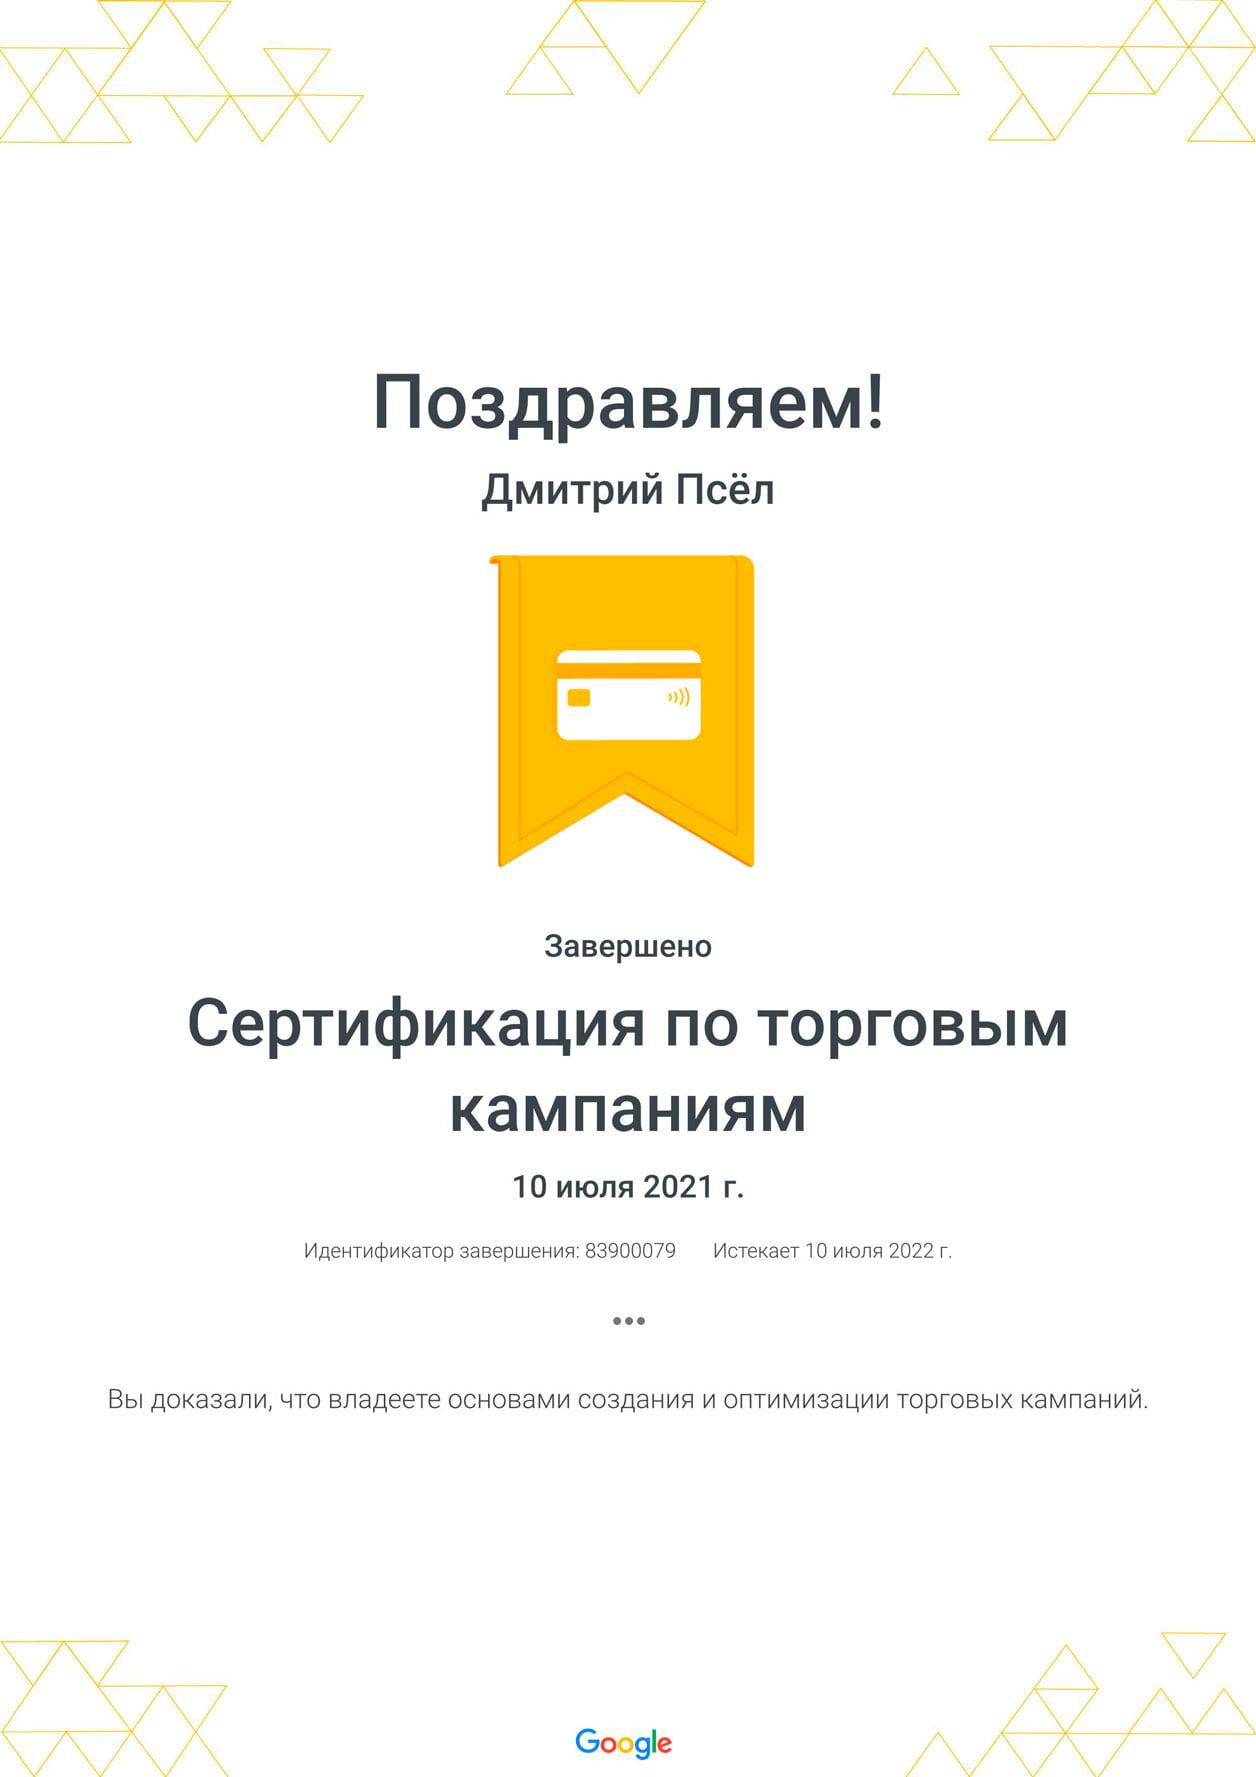 Дмитро Псьол - Сертифікат по торговим кампаніям